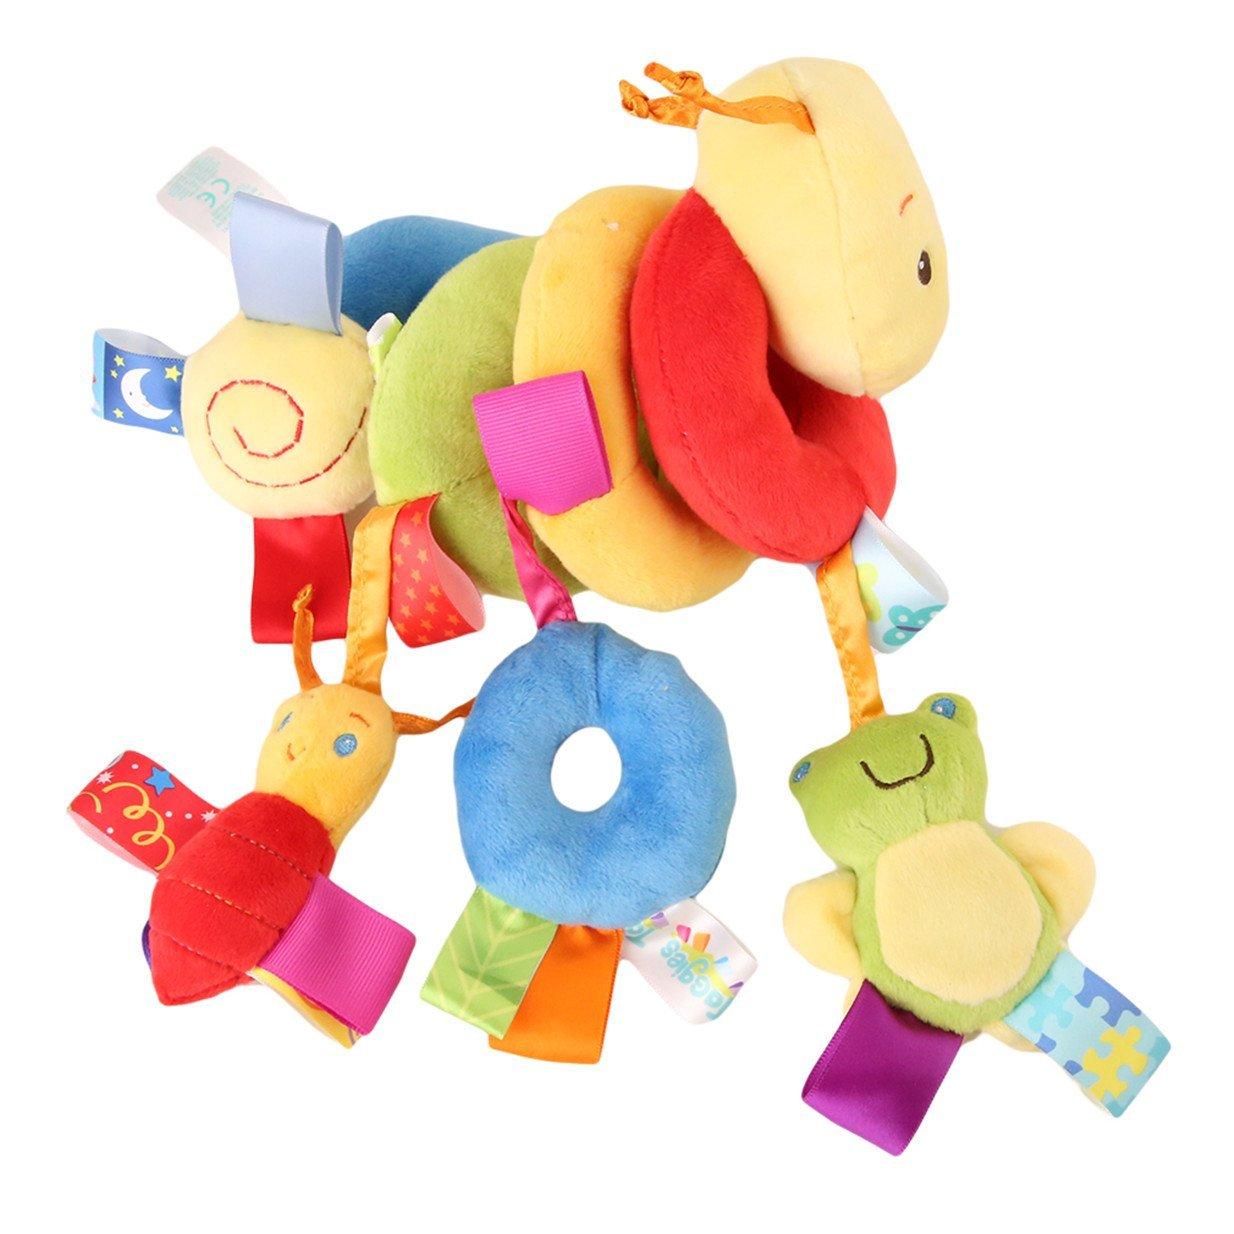 Lalang Bébé Jouet de Poussette Berceau Hochet Jouets Animales éducatifs en Peluche, Twisty Spirale d'activités Hanging Jouets 88_Store